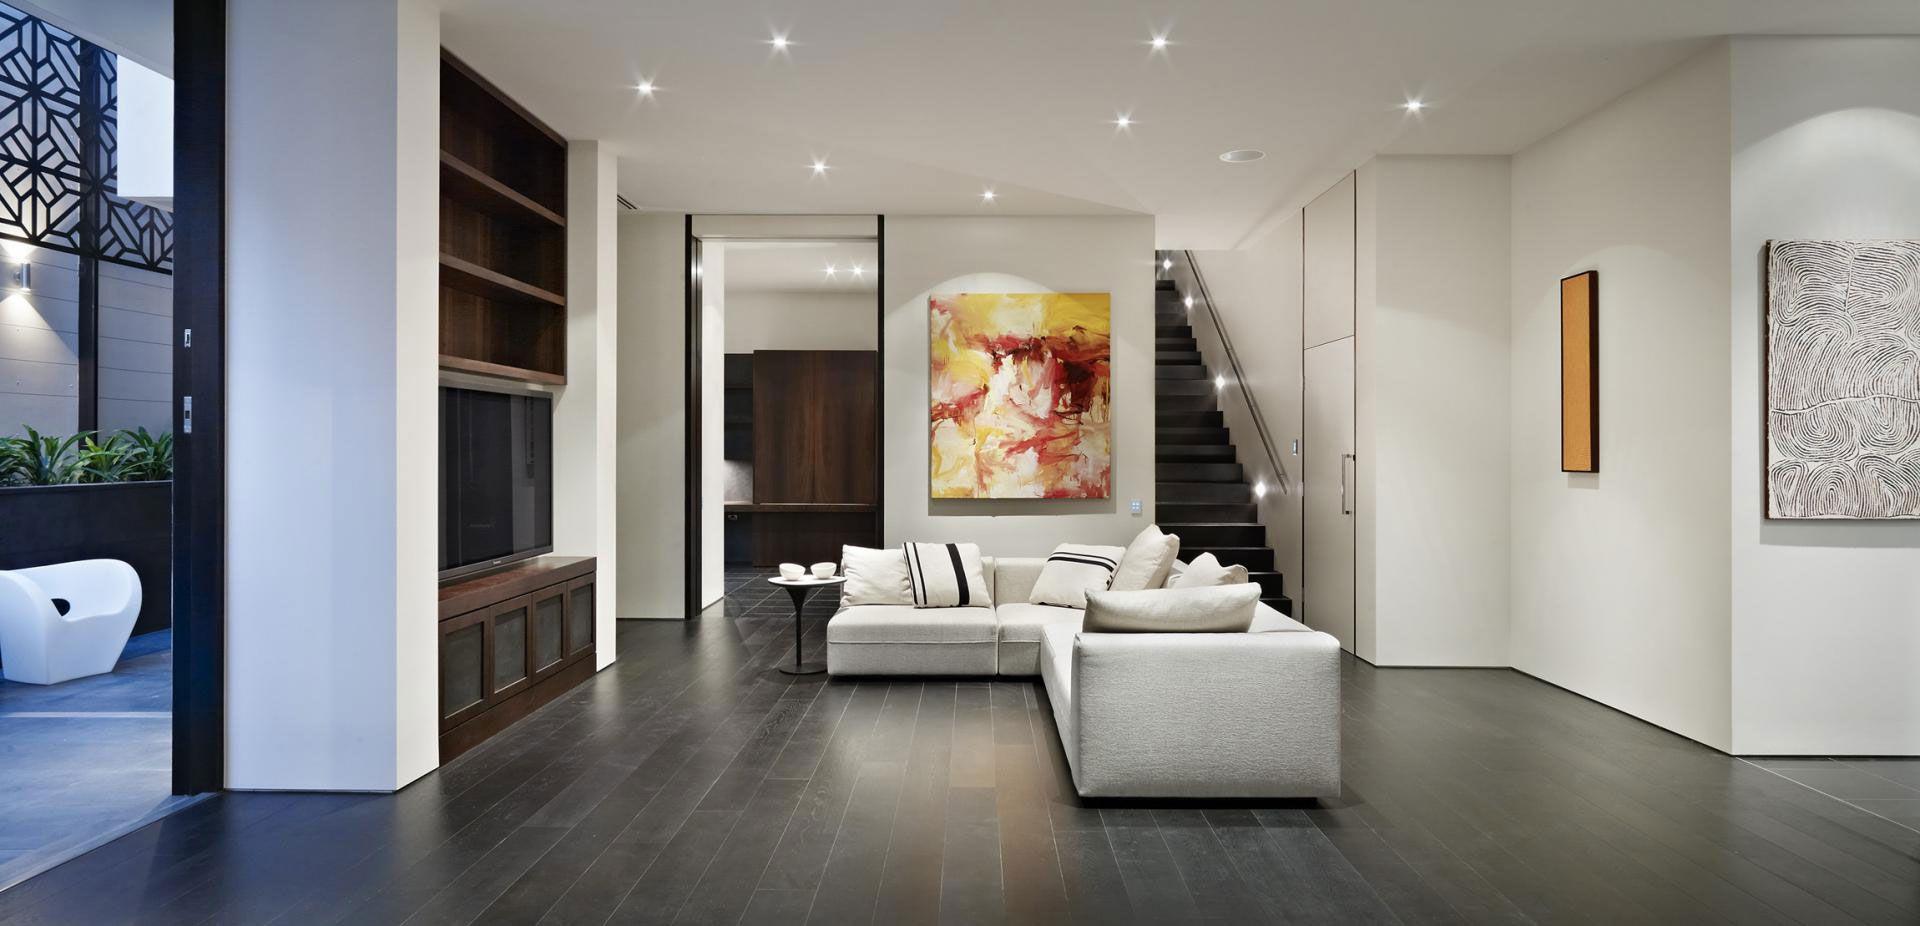 Verdant-Avenue-Home-04